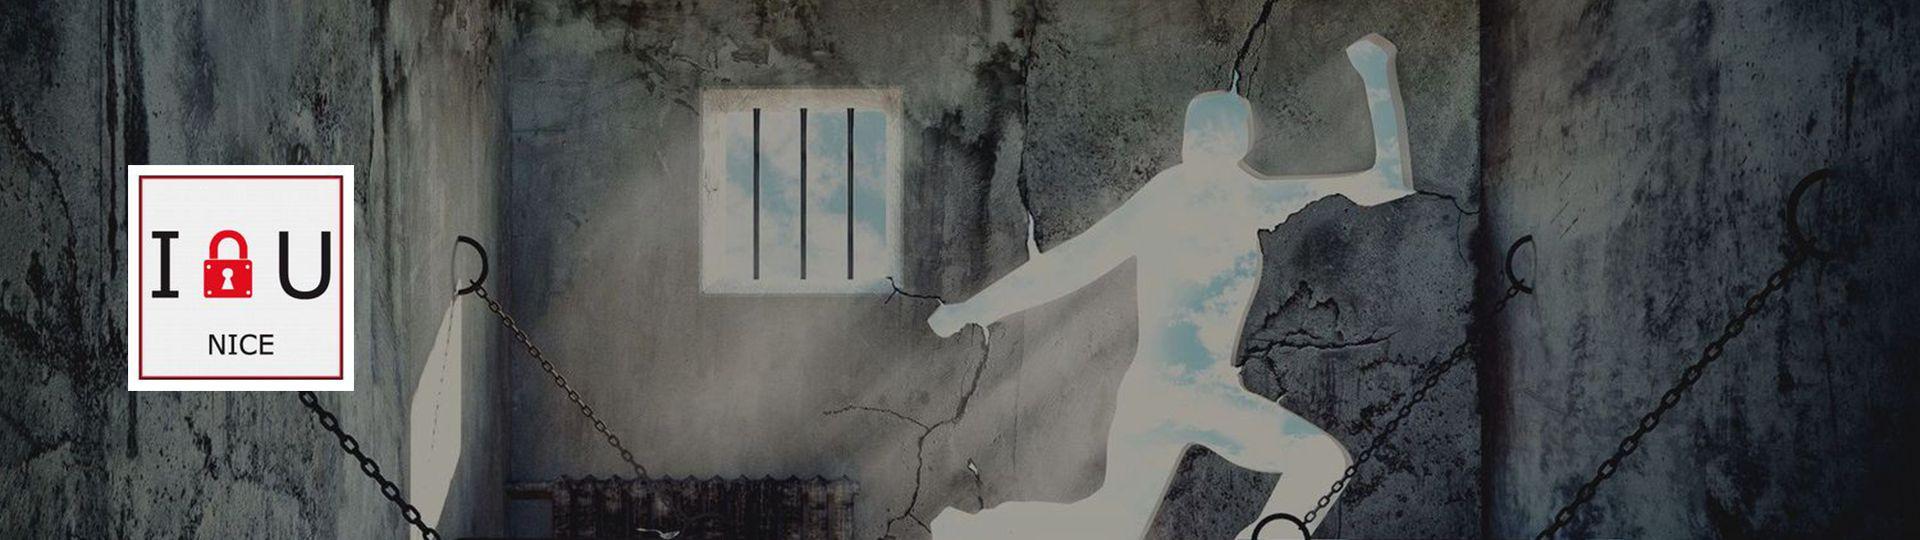 Découvrir les escape games de Nice 06000.jpg